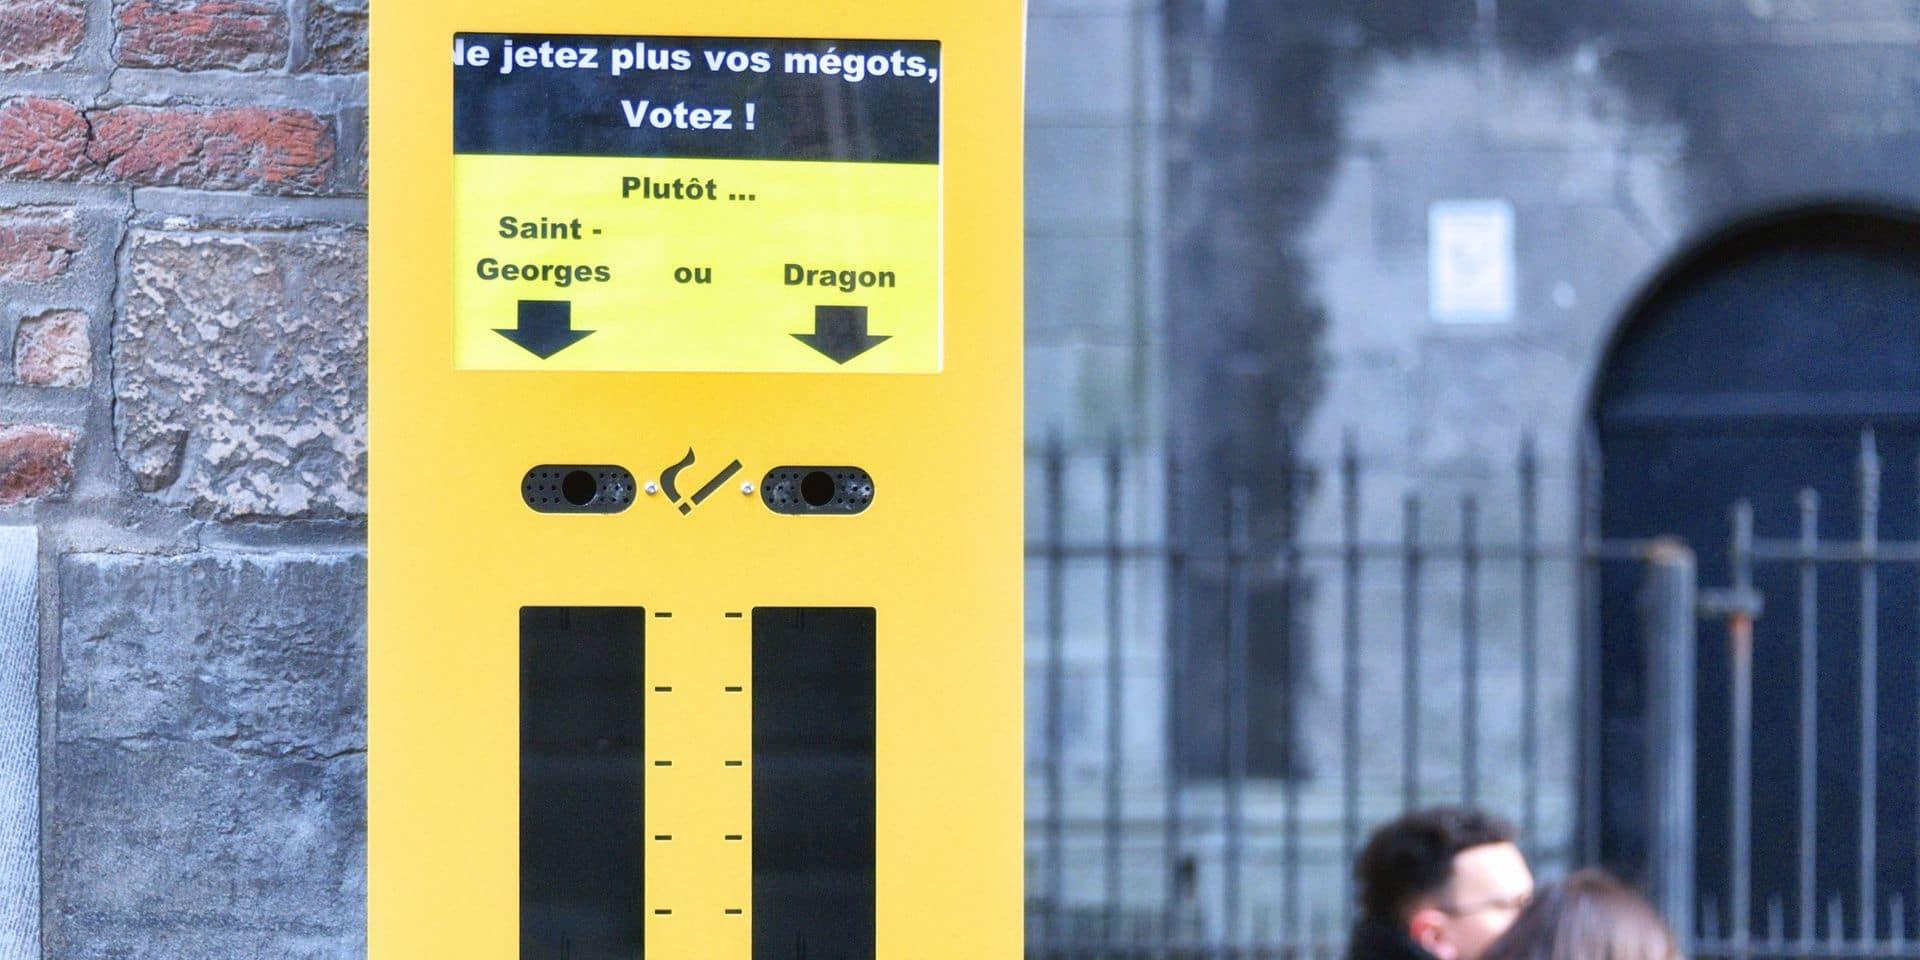 Mons: Les cendriers de sondage se multiplient